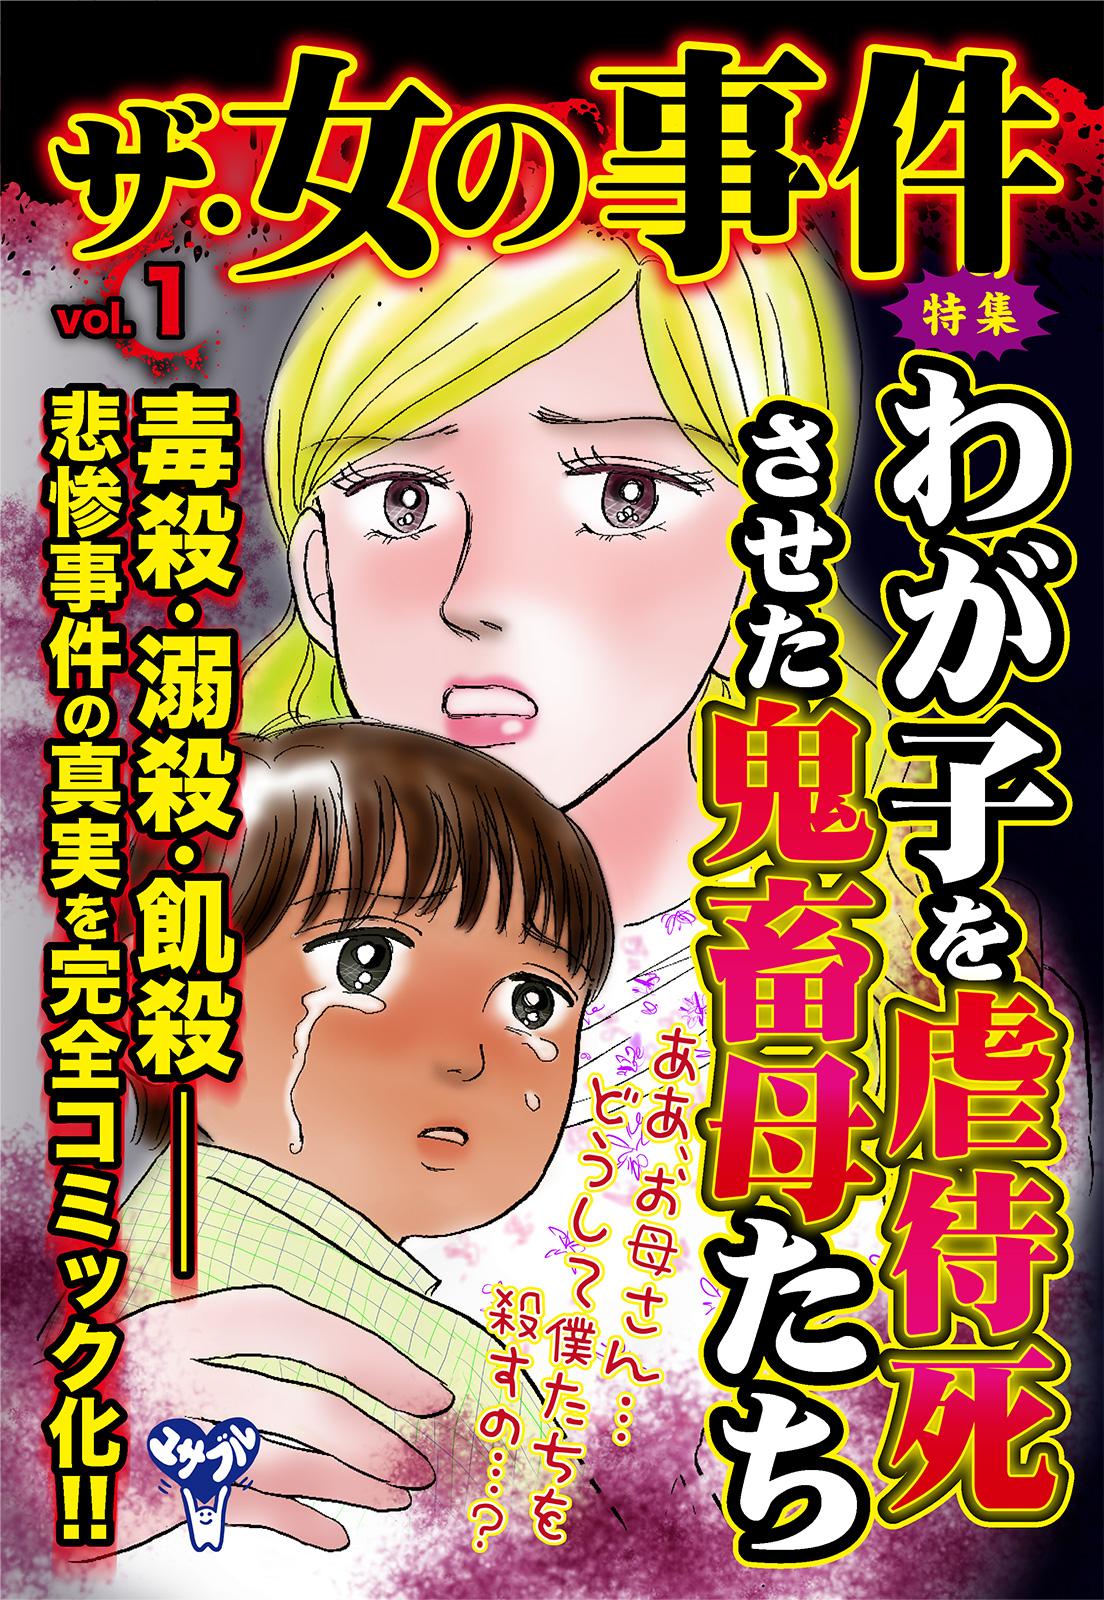 ザ・女の事件Vol.1(浅はかシングルマザー5歳児無理心中死事件)